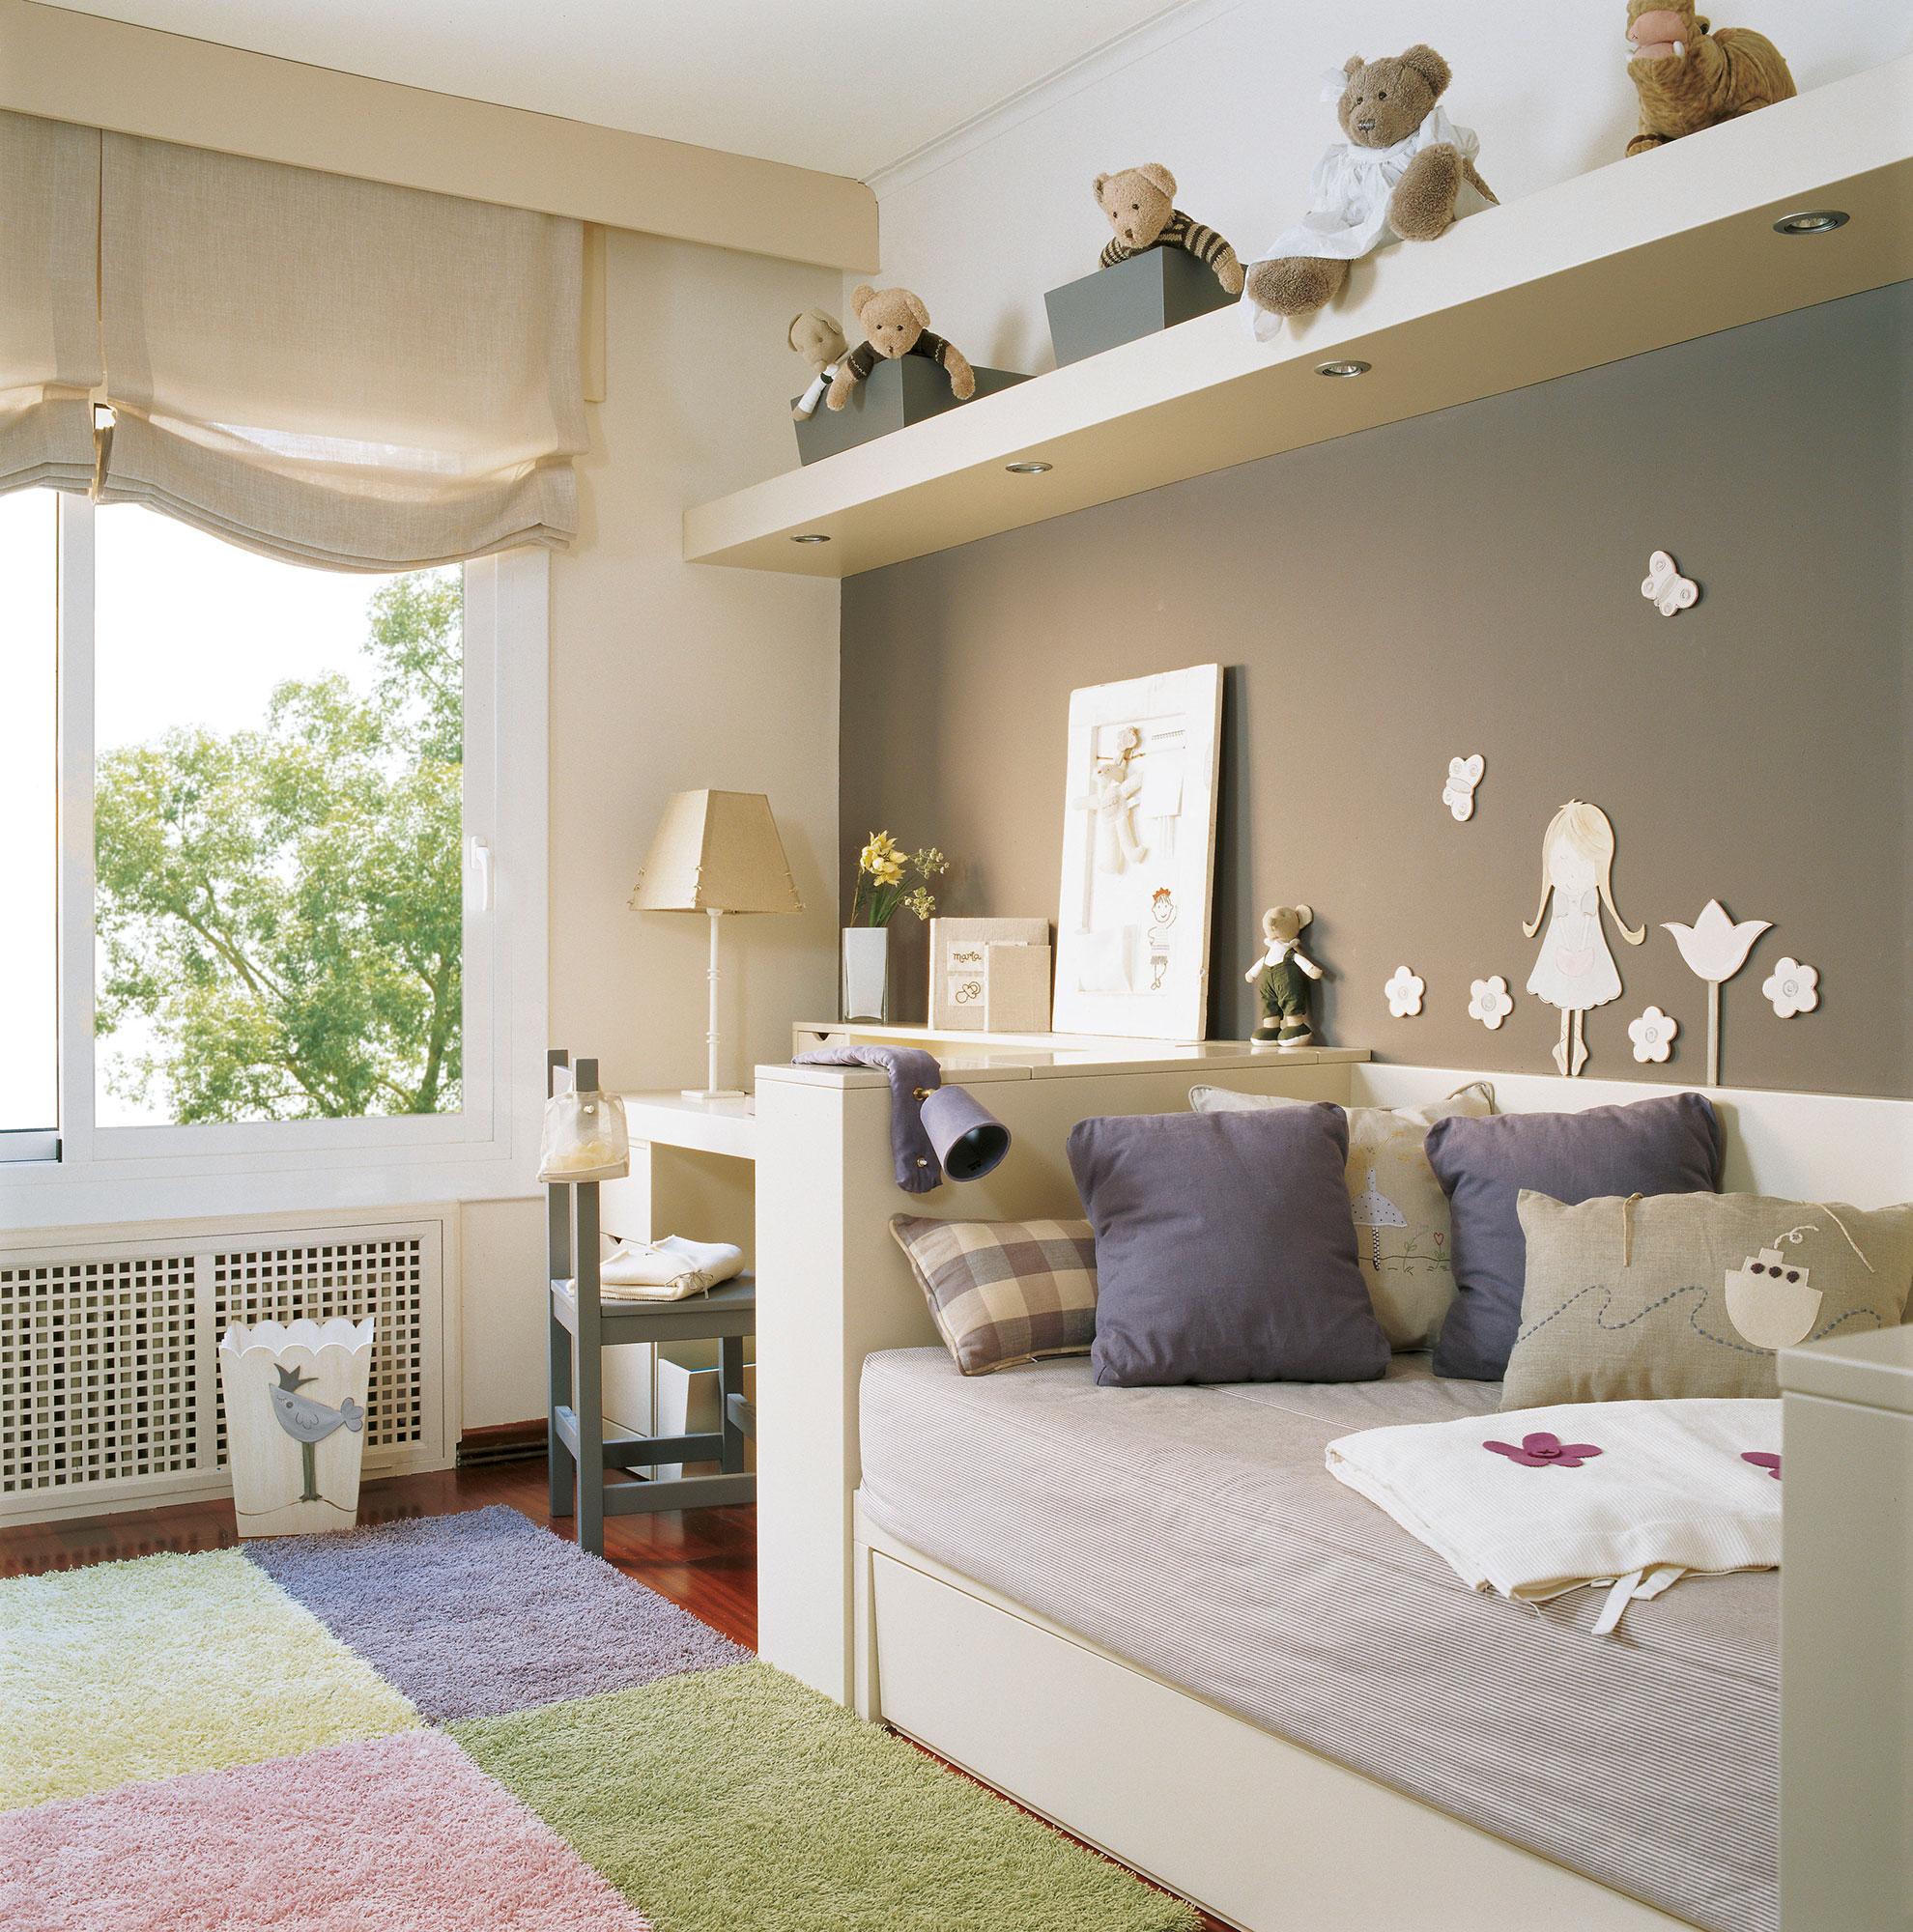 Pintura cambia tu casa con los efectos del color for Pintura color vison